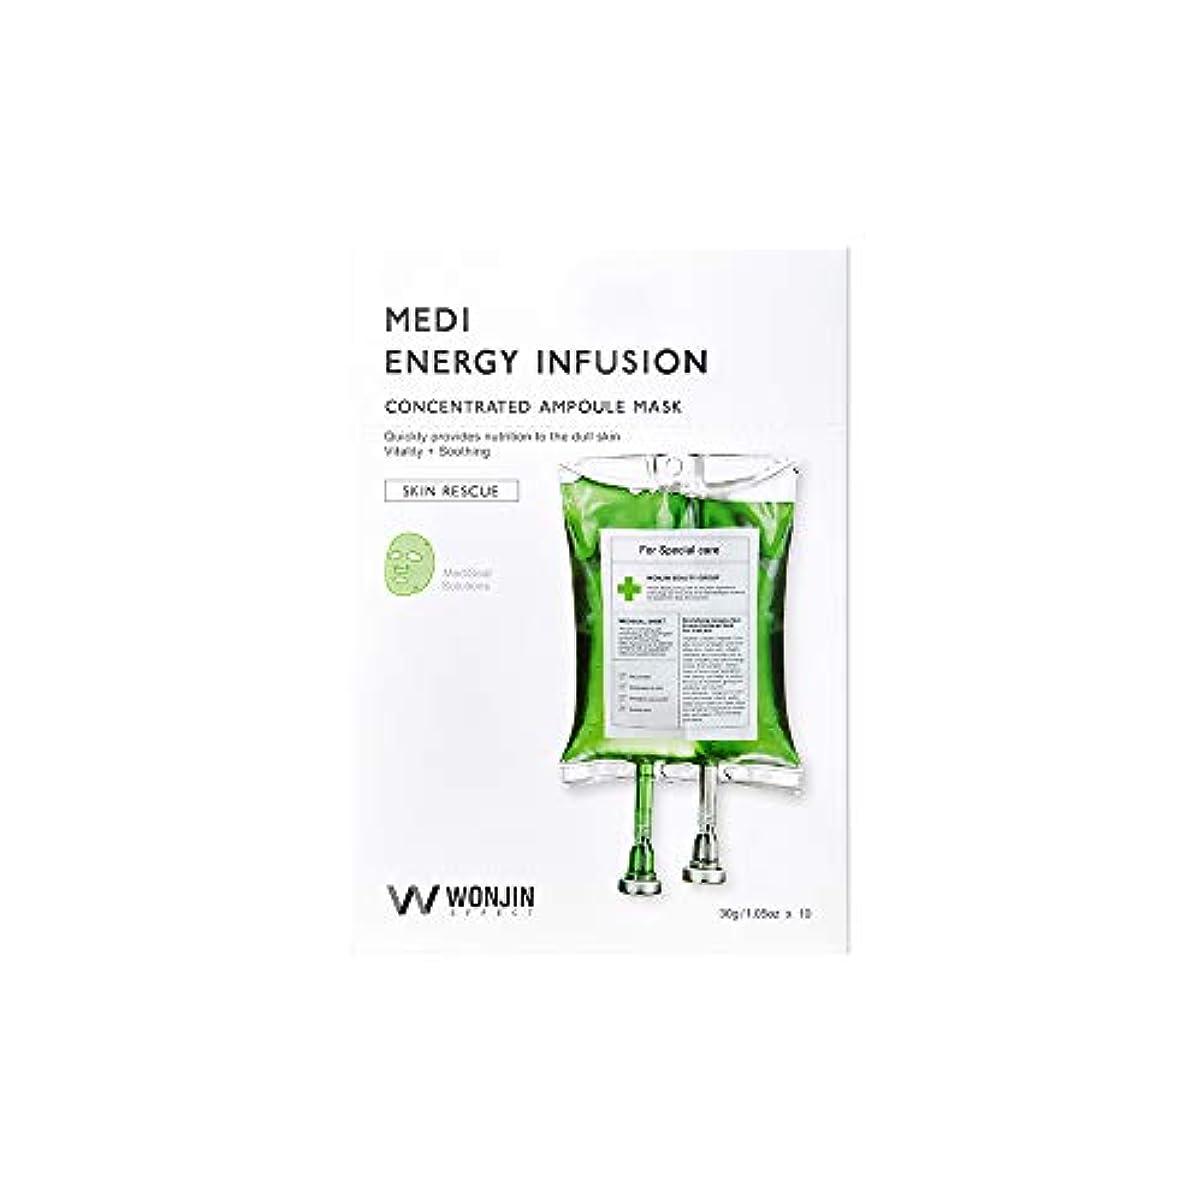 フレームワーク仮定するエゴマニア[WONJIN EFFECT] メディア エネルギー インフュージョン マスク MEDI ENERGY INFUSION MASK 10EA [